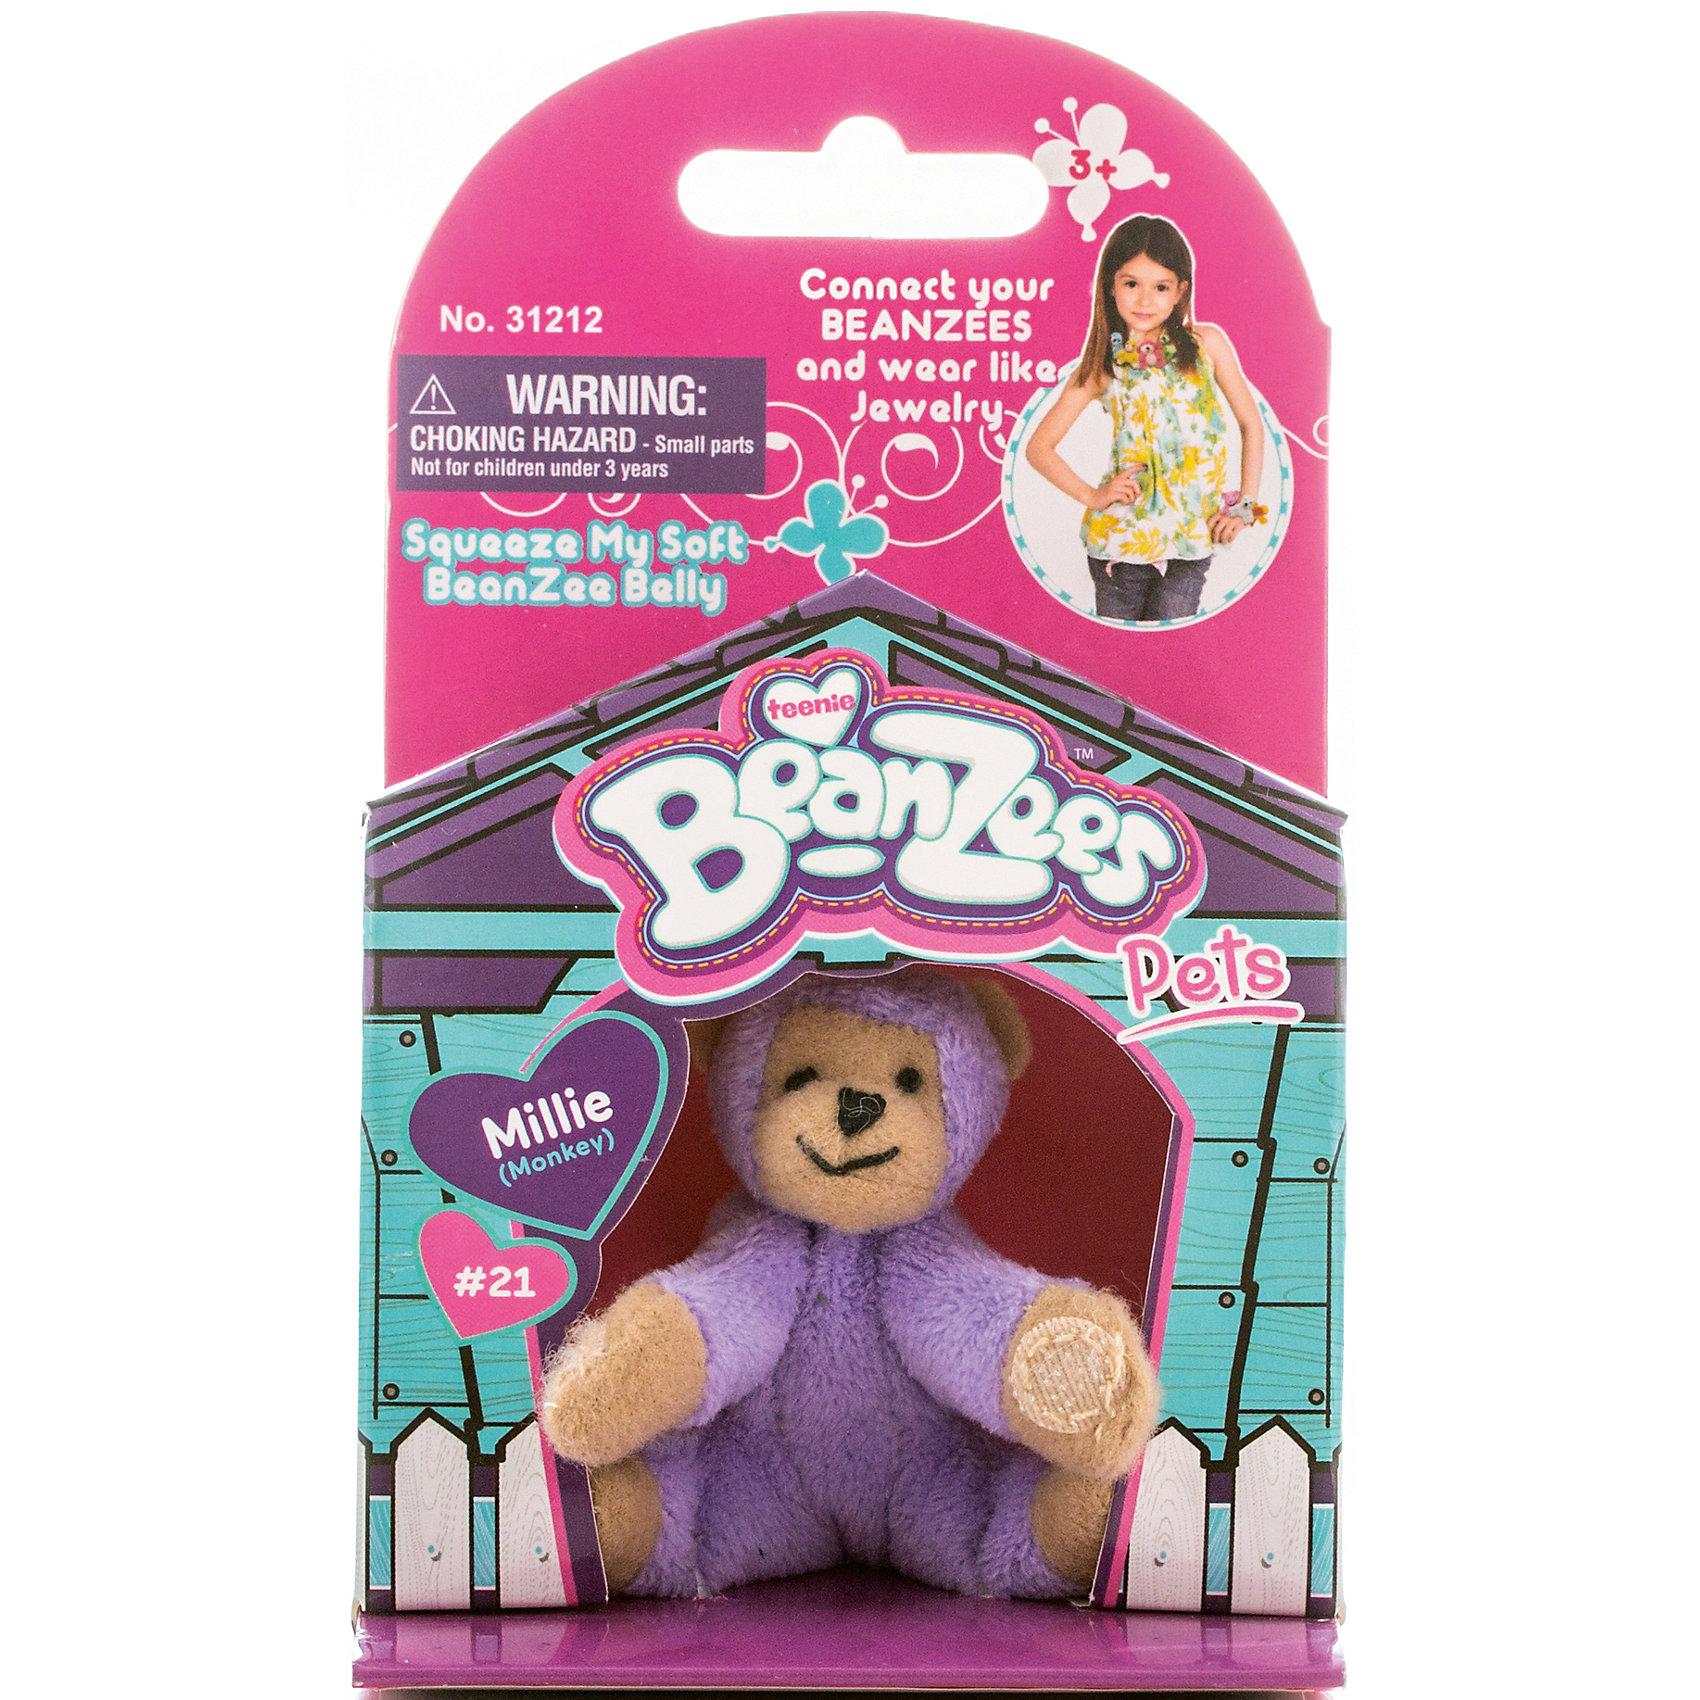 Мини-плюш Обезьяна, BeanzeezМягкие игрушки животные<br>Характеристики товара:<br><br>• особенности: наличие на лапках липучек, игрушку можно соединять с другими героями из серии<br>• материал: пластик, текстиль<br>• размер упаковки: 9х5,5х14,5 см.<br>• высота игрушки: 5 см<br>• возраст: от 3 лет<br>• страна бренда: США<br>• страна производства: Китай<br><br>Такая симпатичная игрушка не оставит ребенка равнодушным! Какой малыш откажется поиграть с маленькими плюшевыми игрушками из большой пушистой коллекции?! Игрушки очень качественно выполнены, поэтому такая фигурка станет отличным подарком ребенку. Благодаря липучкам на лапках животных можно соединить между собой. Дети приходят в восторг от этих игрушек!<br>Такие предметы помогают ребенку отрабатывать новые навыки и способности - развивать ловкость, мелкую моторику, воображение, мышление, логику. Изделие производится из качественных сертифицированных материалов, безопасных даже для самых маленьких.<br><br>Мини-плюш Обезьяна от бренда Beanzeez можно купить в нашем интернет-магазине.<br><br>Ширина мм: 50<br>Глубина мм: 140<br>Высота мм: 85<br>Вес г: 73<br>Возраст от месяцев: 36<br>Возраст до месяцев: 2147483647<br>Пол: Женский<br>Возраст: Детский<br>SKU: 5218672